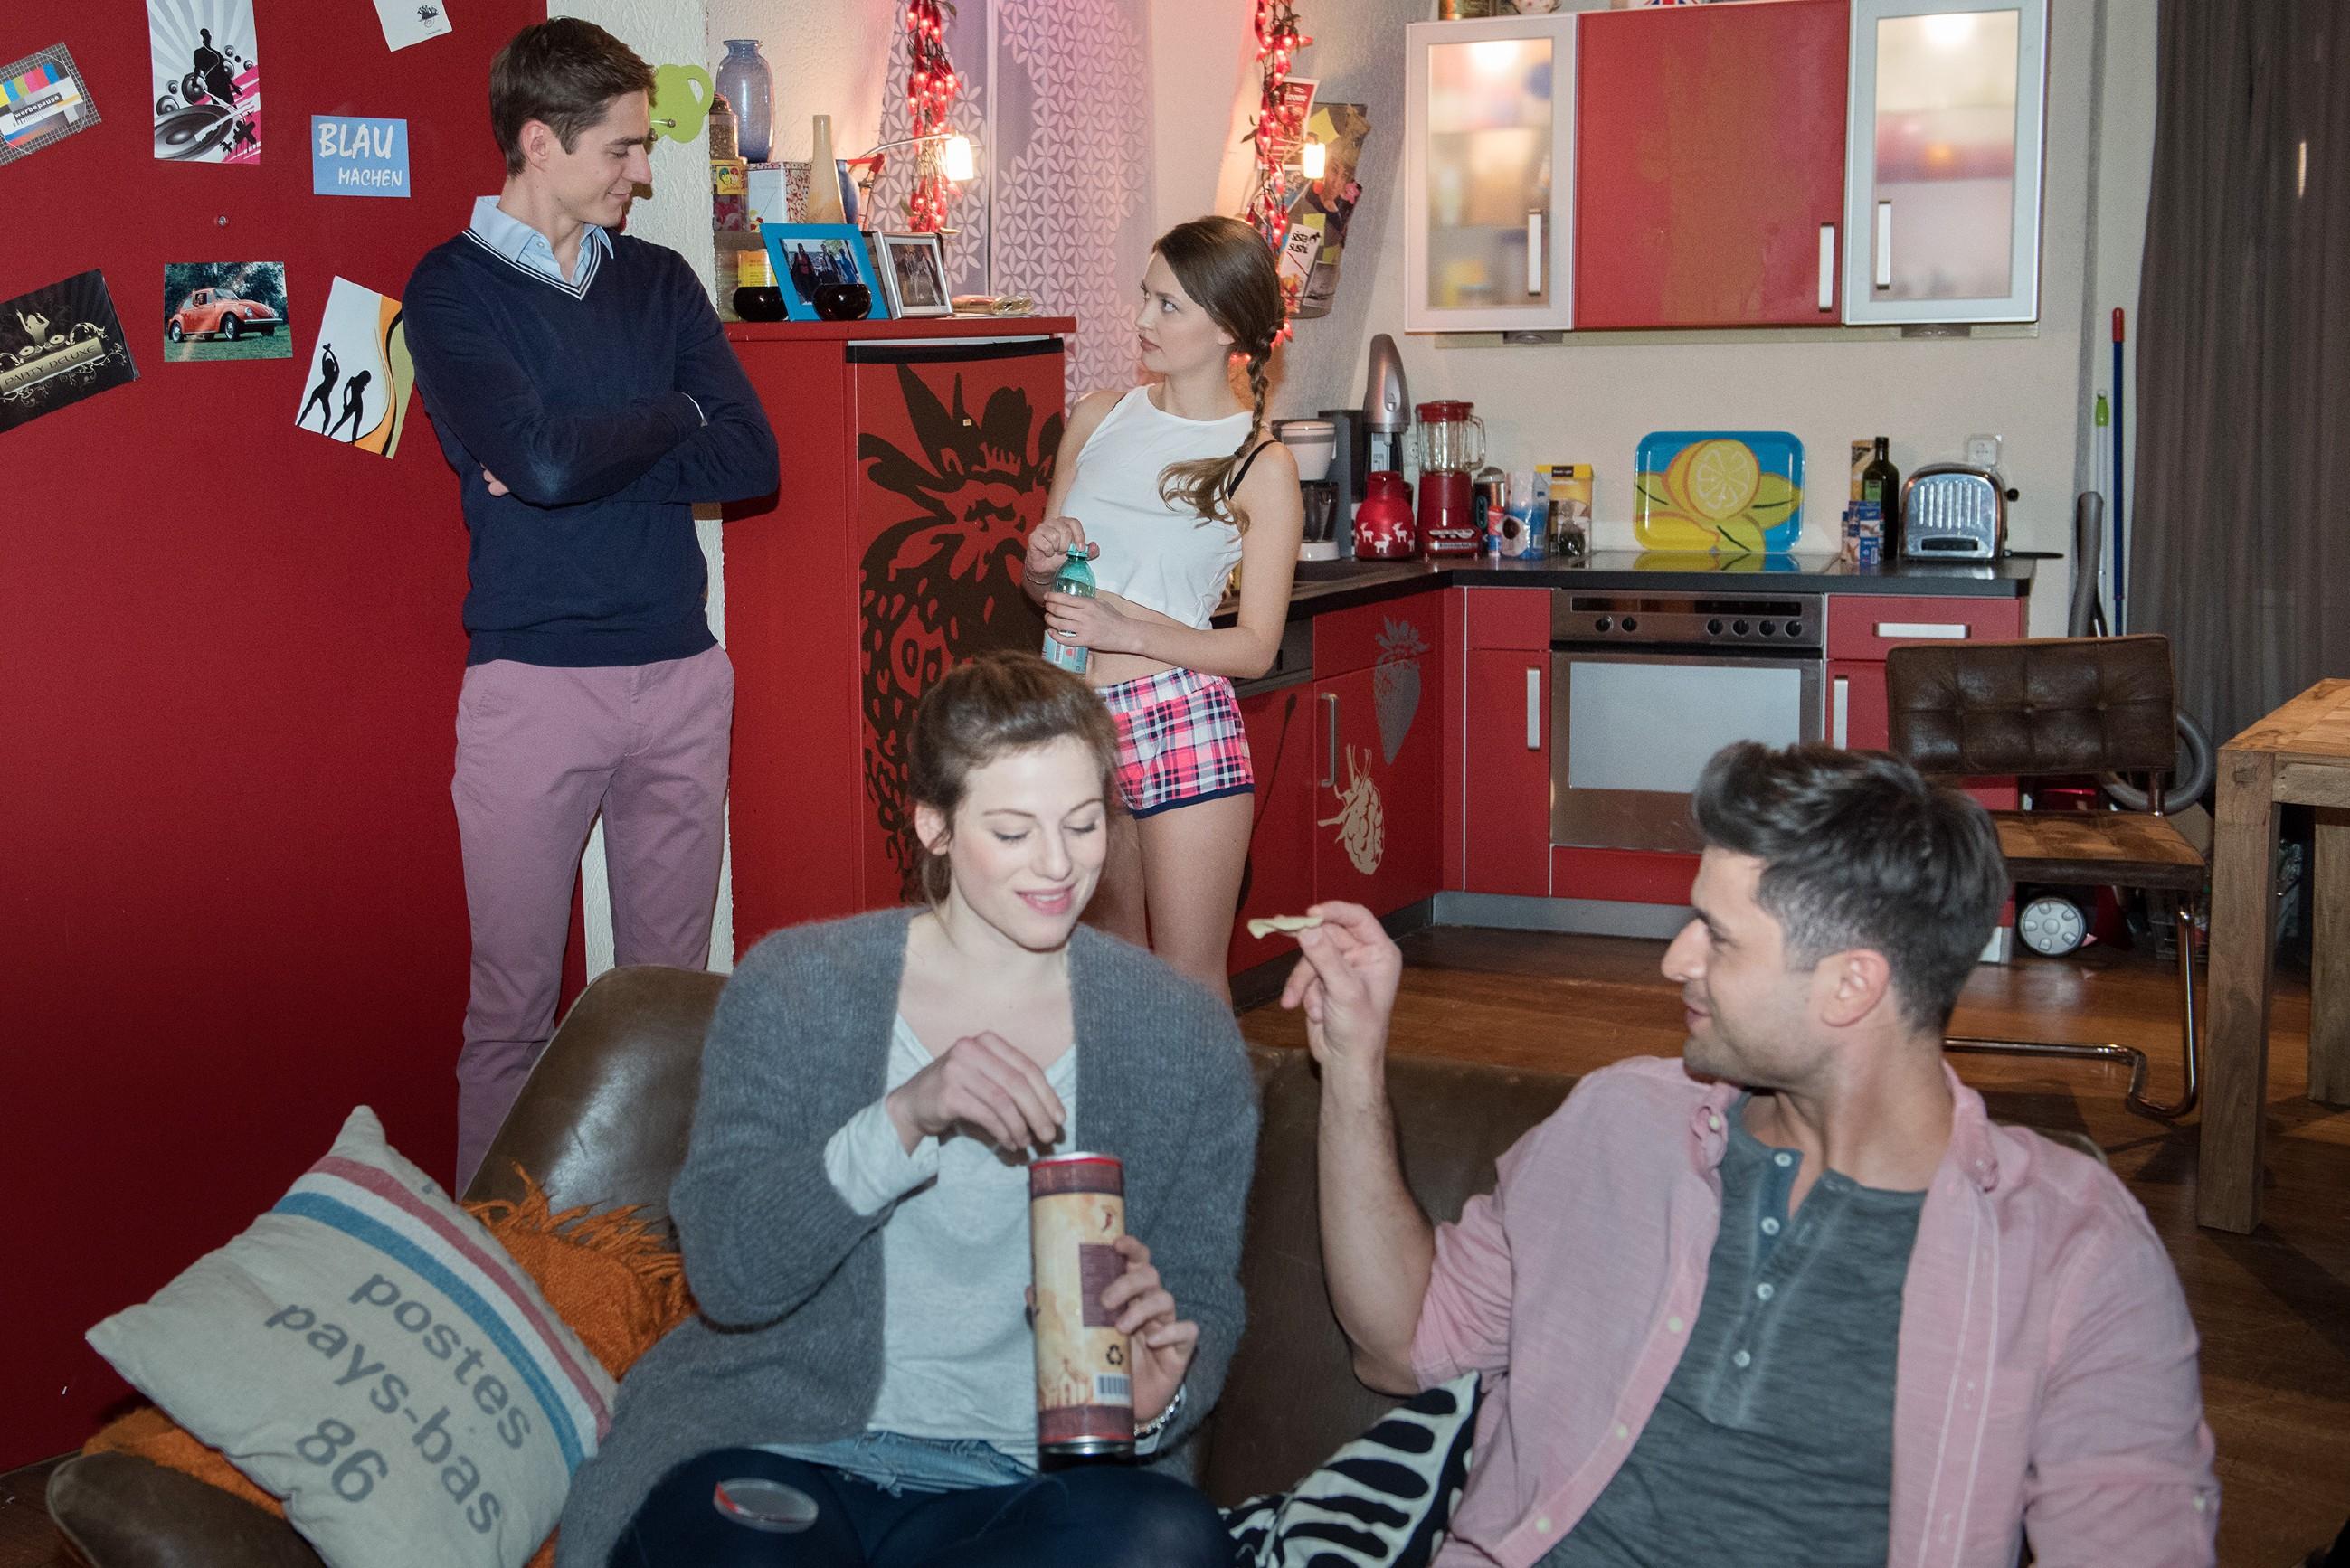 Während Paco (Milos Vukovic, r.) und Elli (Nora Koppen, vorne l.) verliebt turteln, kommt Ringo (Timothy Boldt) auf die Idee, Jule (Amrei Haardt) als kostengünstiges Model für ein Beachbody-Shooting zu nutzen. (Quelle: RTL / Stefan Behrens)